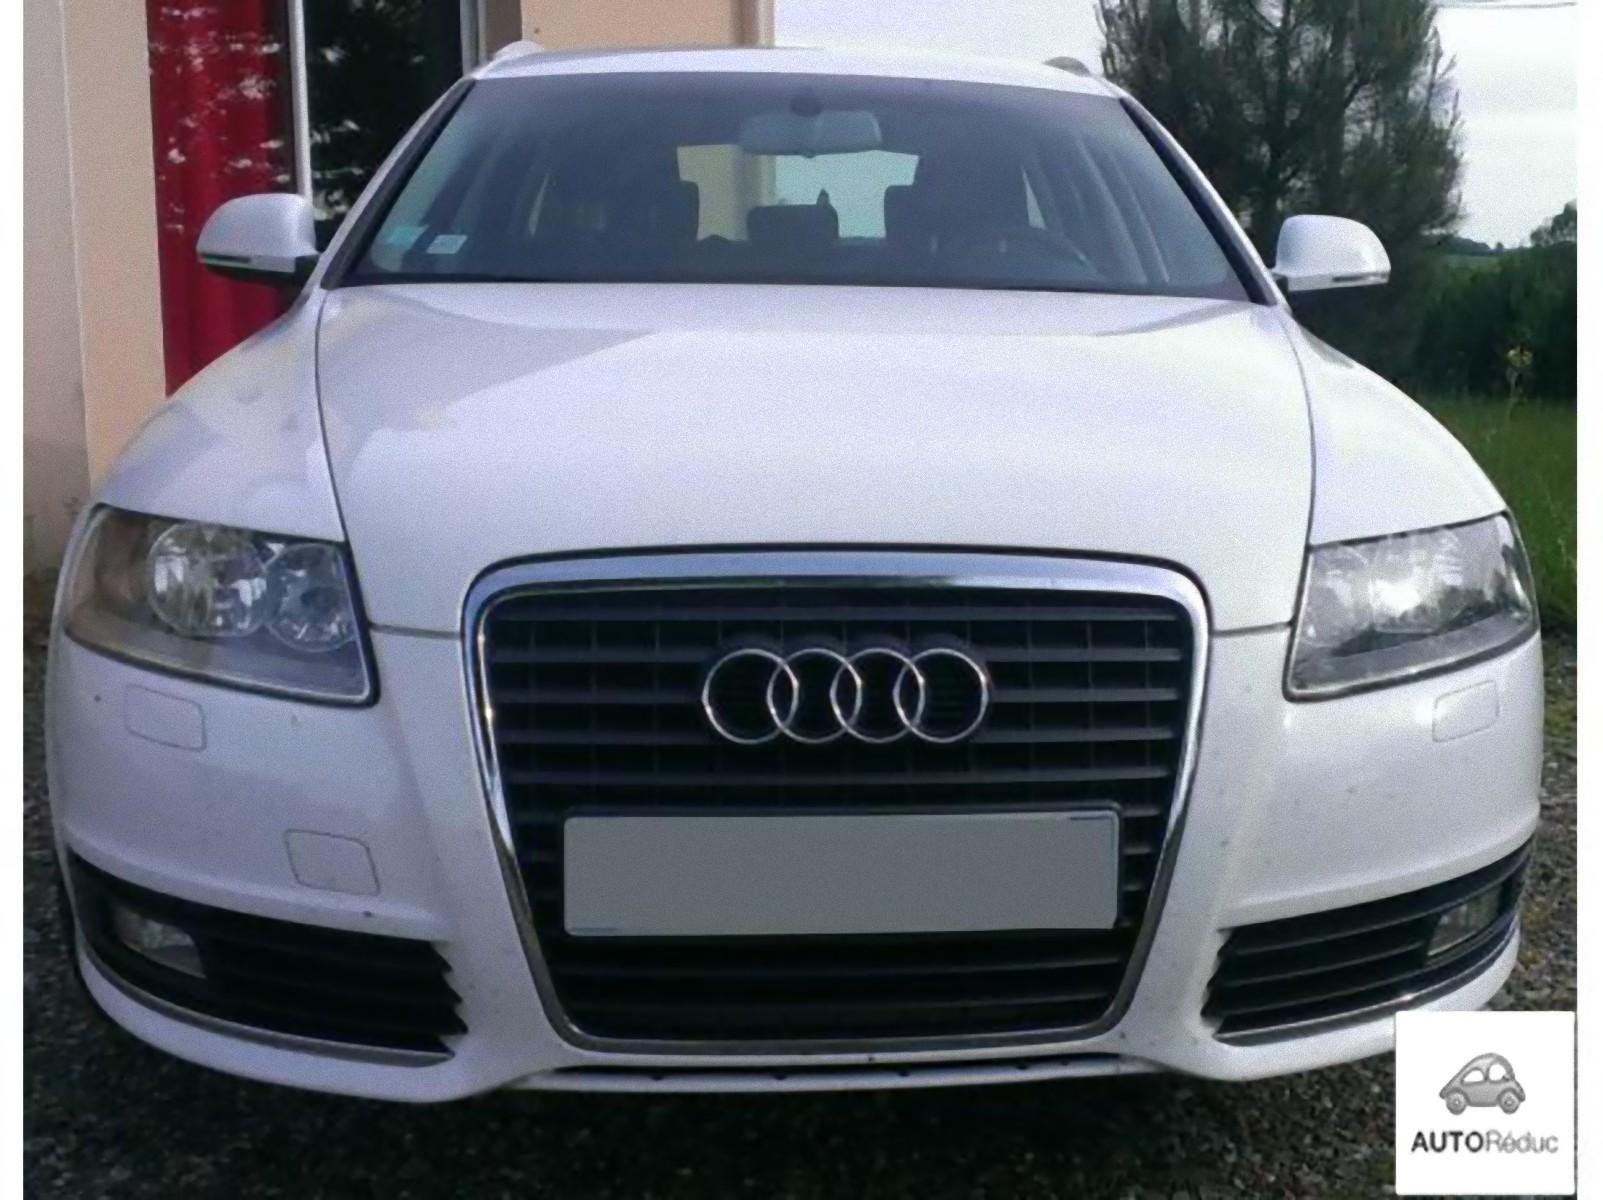 Audi A6 Avant Ambiente : achat audi a6 avant 2009 170cv 2 0 tdi dpf ambiente d 39 occasion pas cher 11 900 ~ Melissatoandfro.com Idées de Décoration